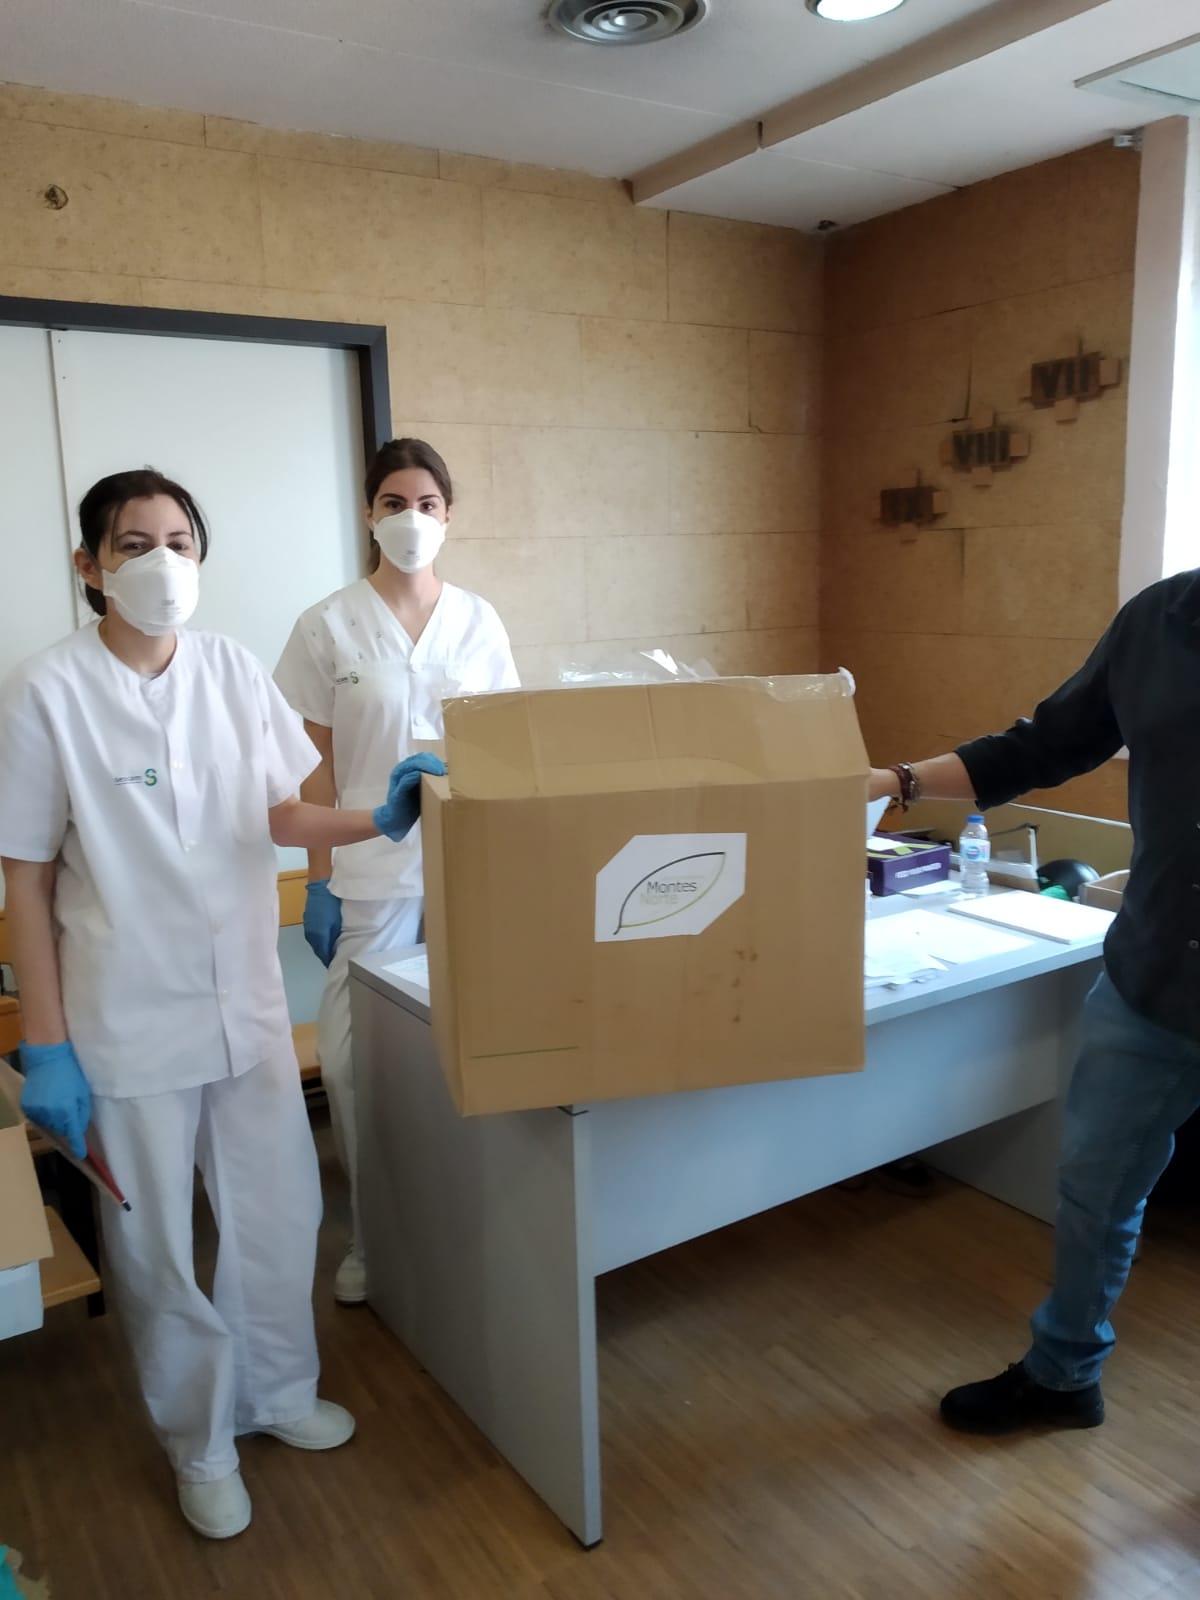 Grupo Montes Norte ha entregado material de protecci%C3%B3n a hospitales y otros centros1 - Grupo Montes Norte colabora con varios Hospitales y colectivos de la provincia con equipos de protección contra COVID-19